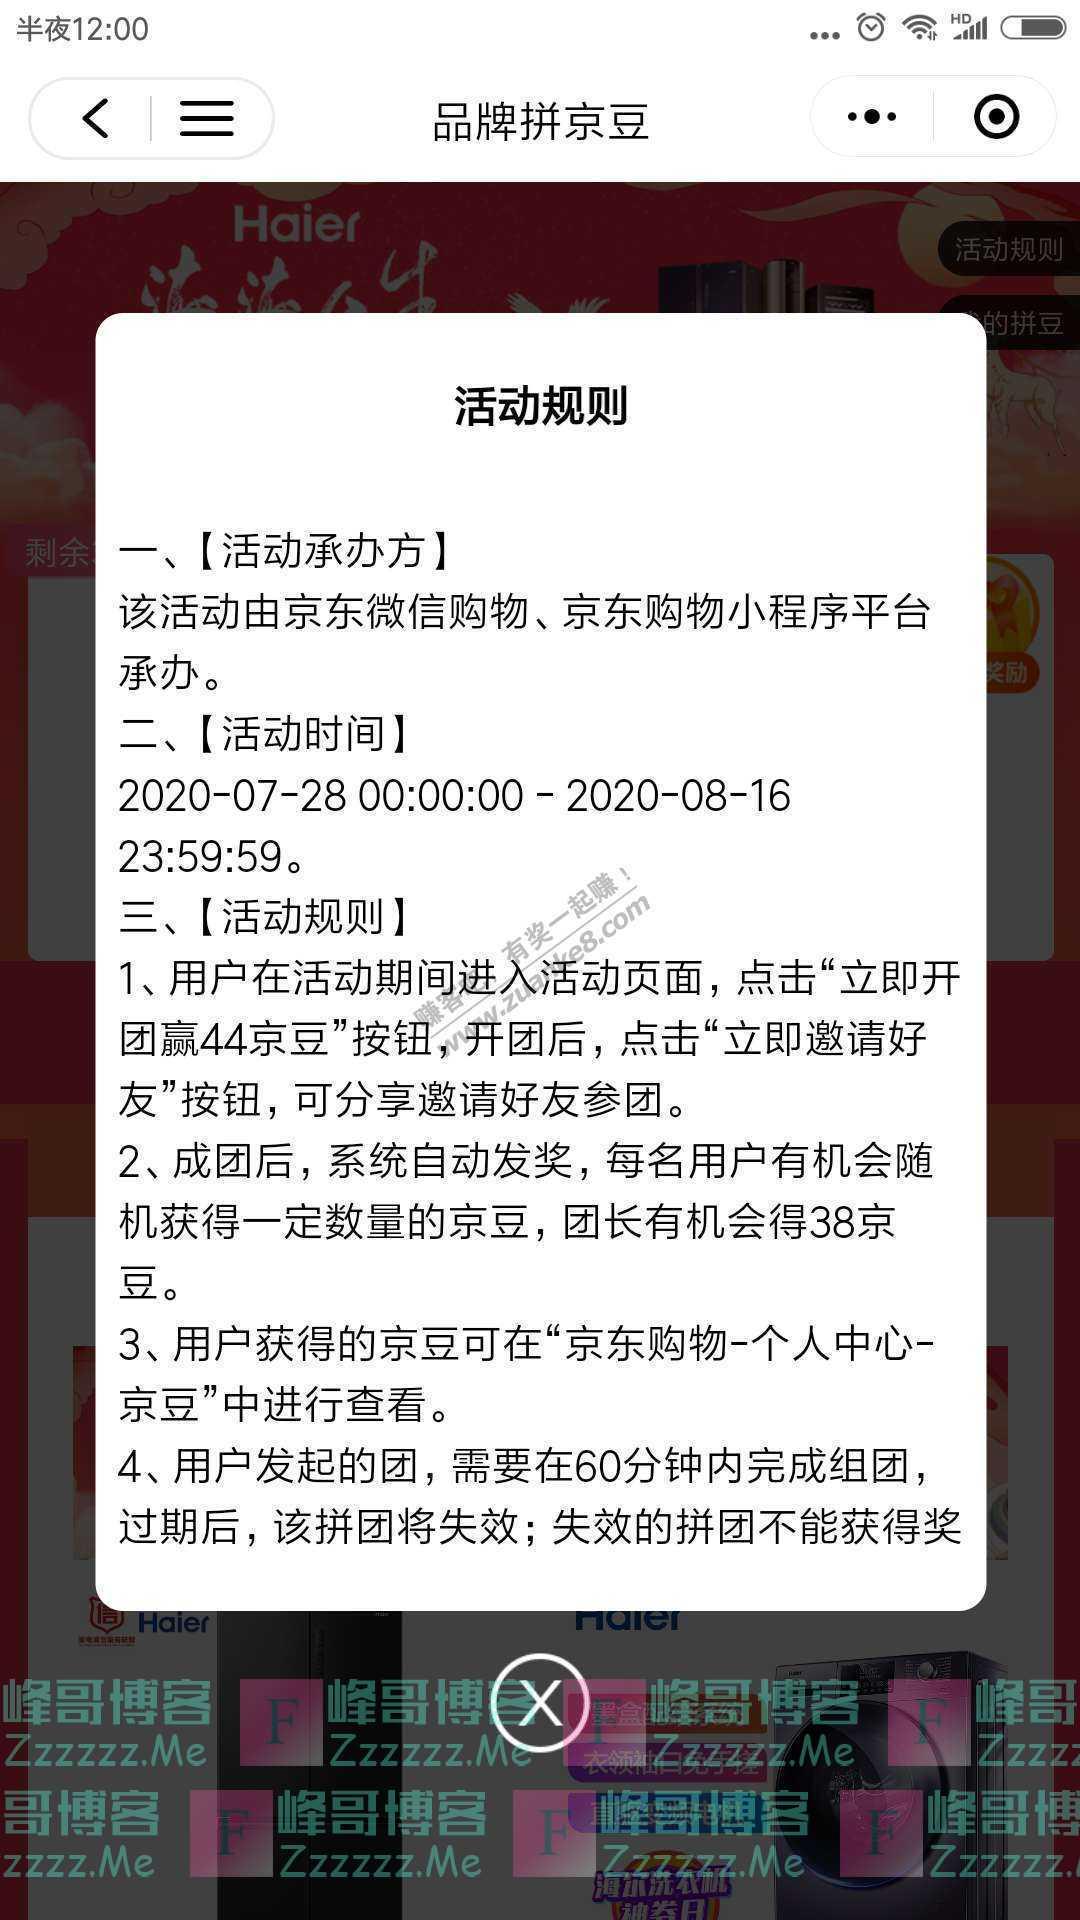 京东购物海尔撒350w京豆(截止8月16日)